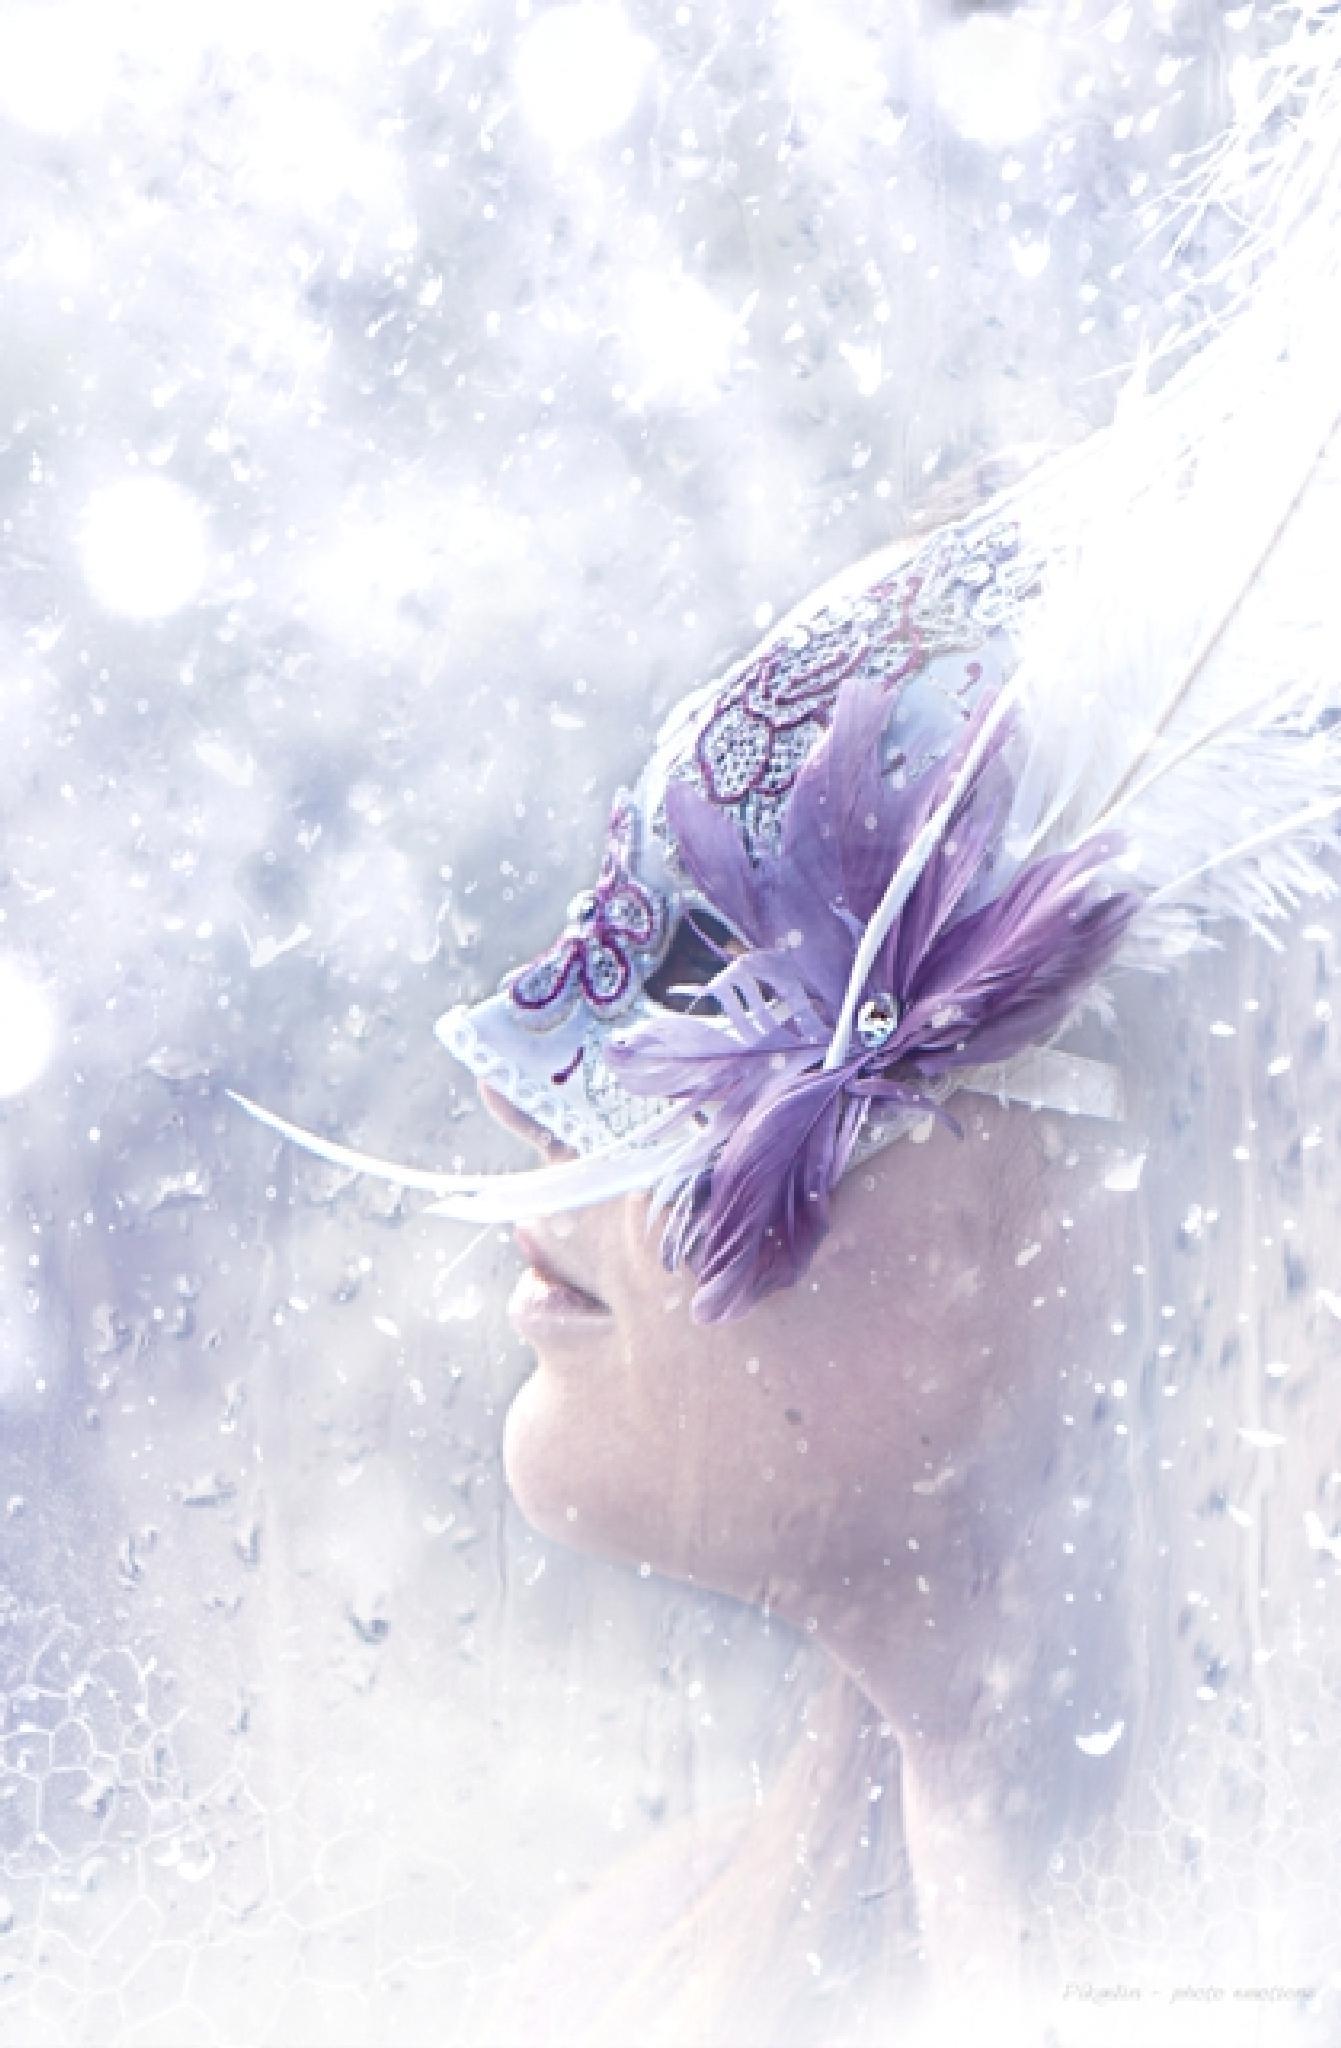 Frozen moment by TheKaddi